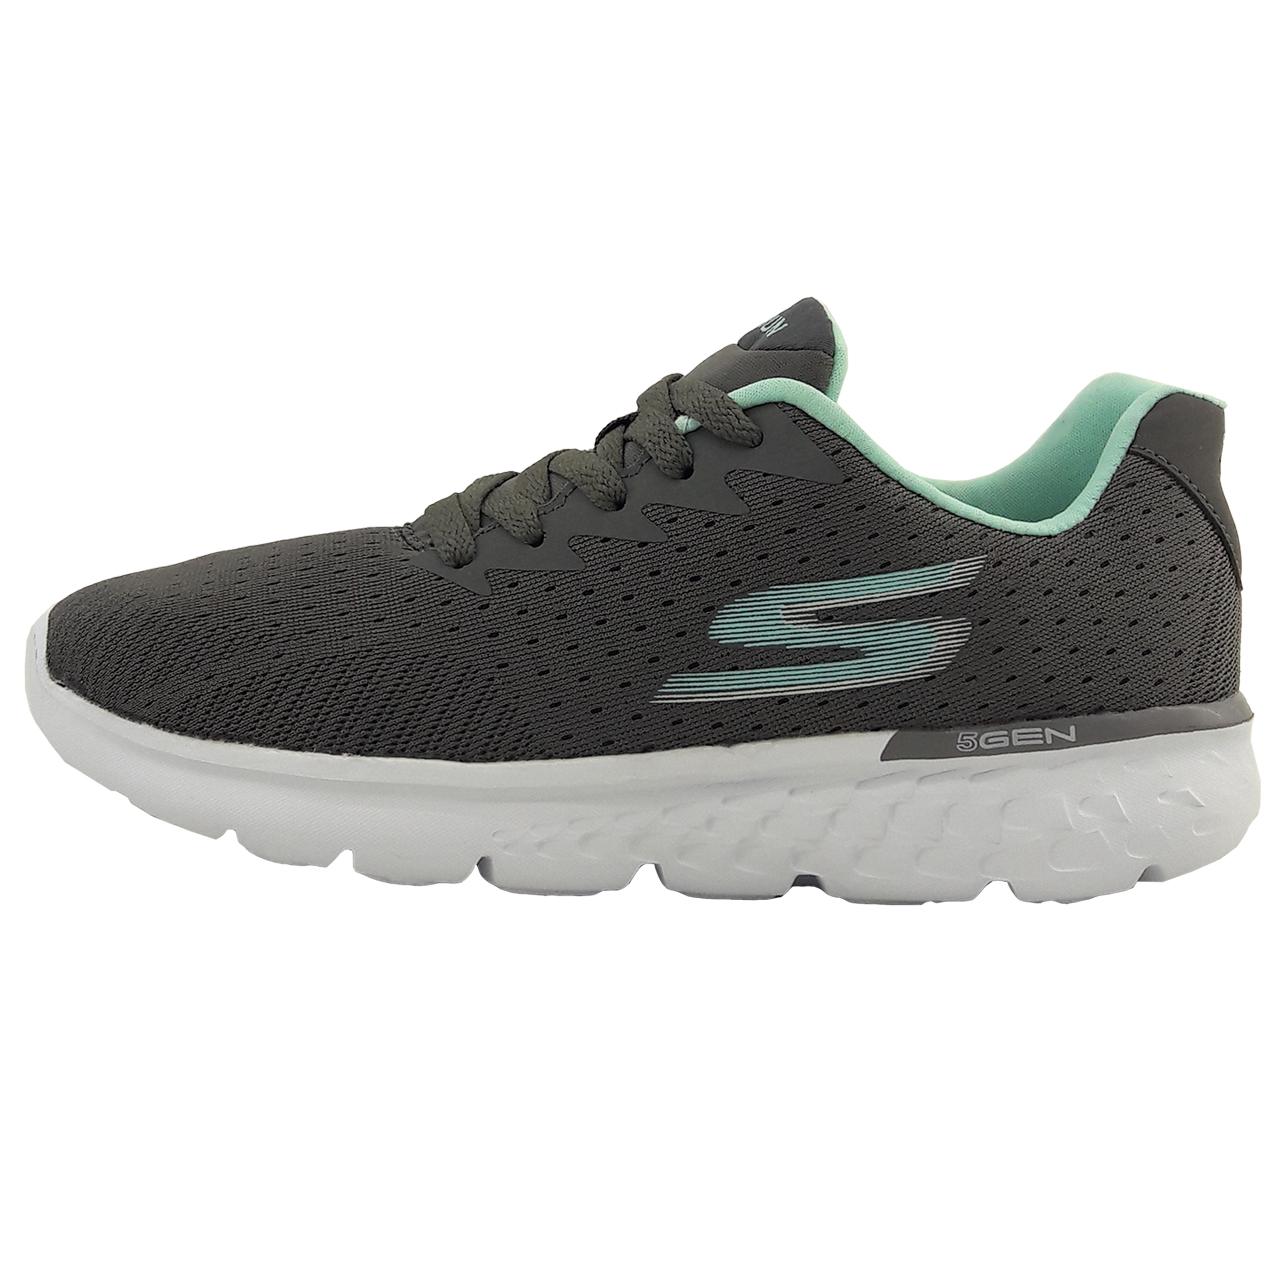 کفش مخصوص پیاده روی زنانه اسکچرز مدل Go Run 400 54354 nvlm